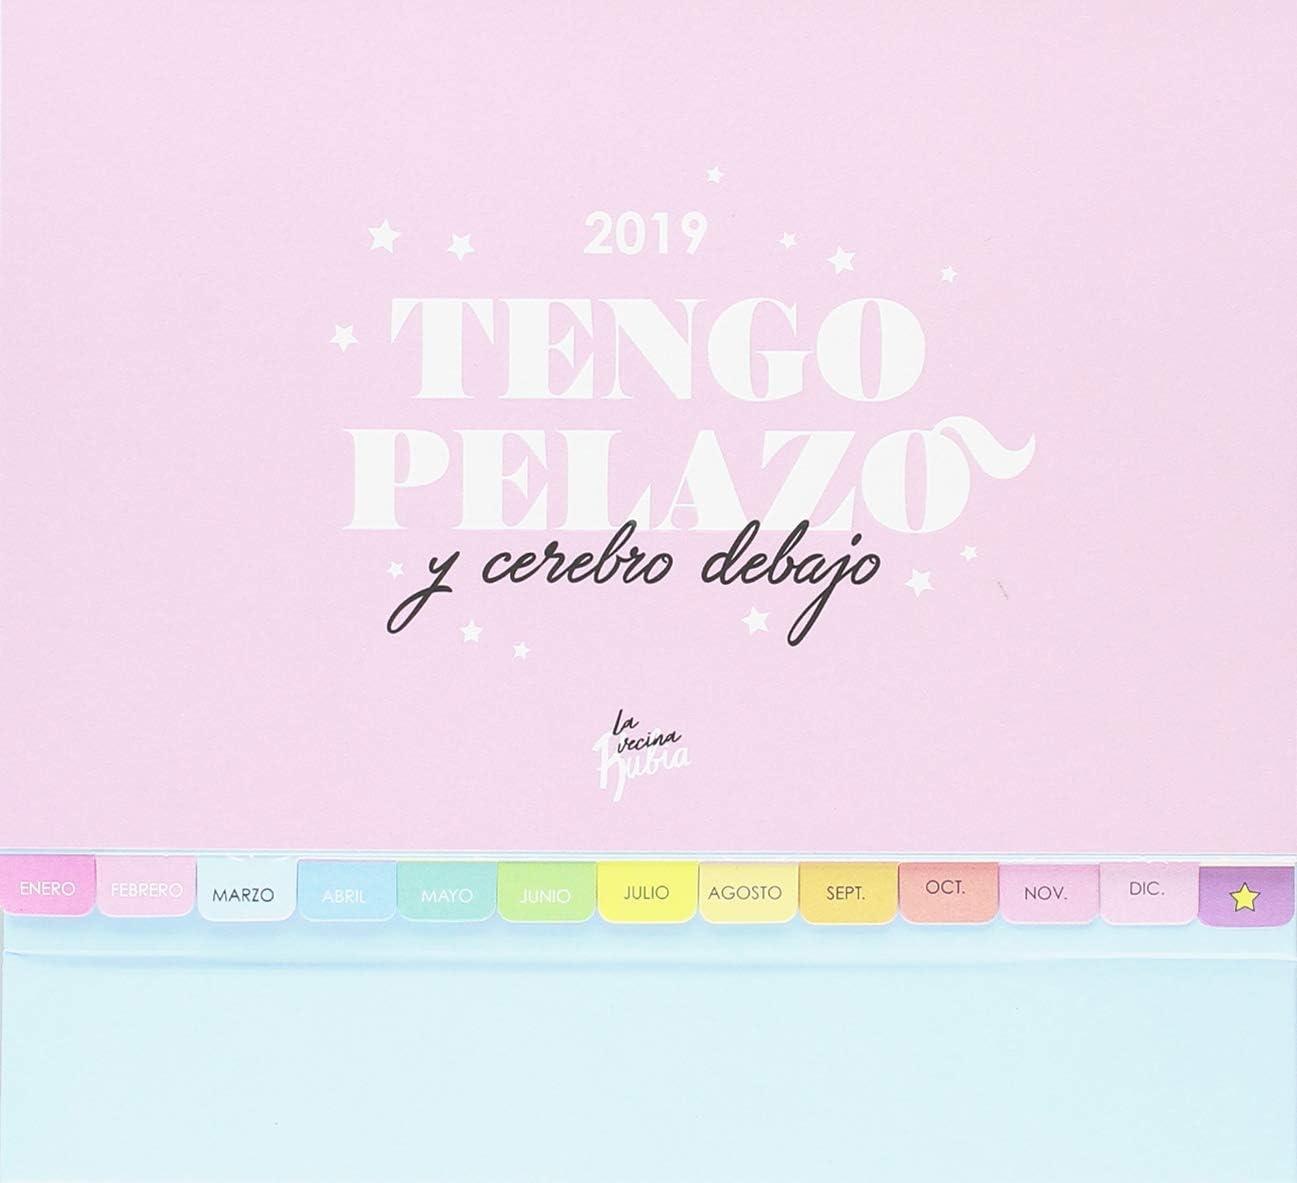 Calendario mesa Vecina Rubia 2019. Tengo pelazo y cerebro debajo ...